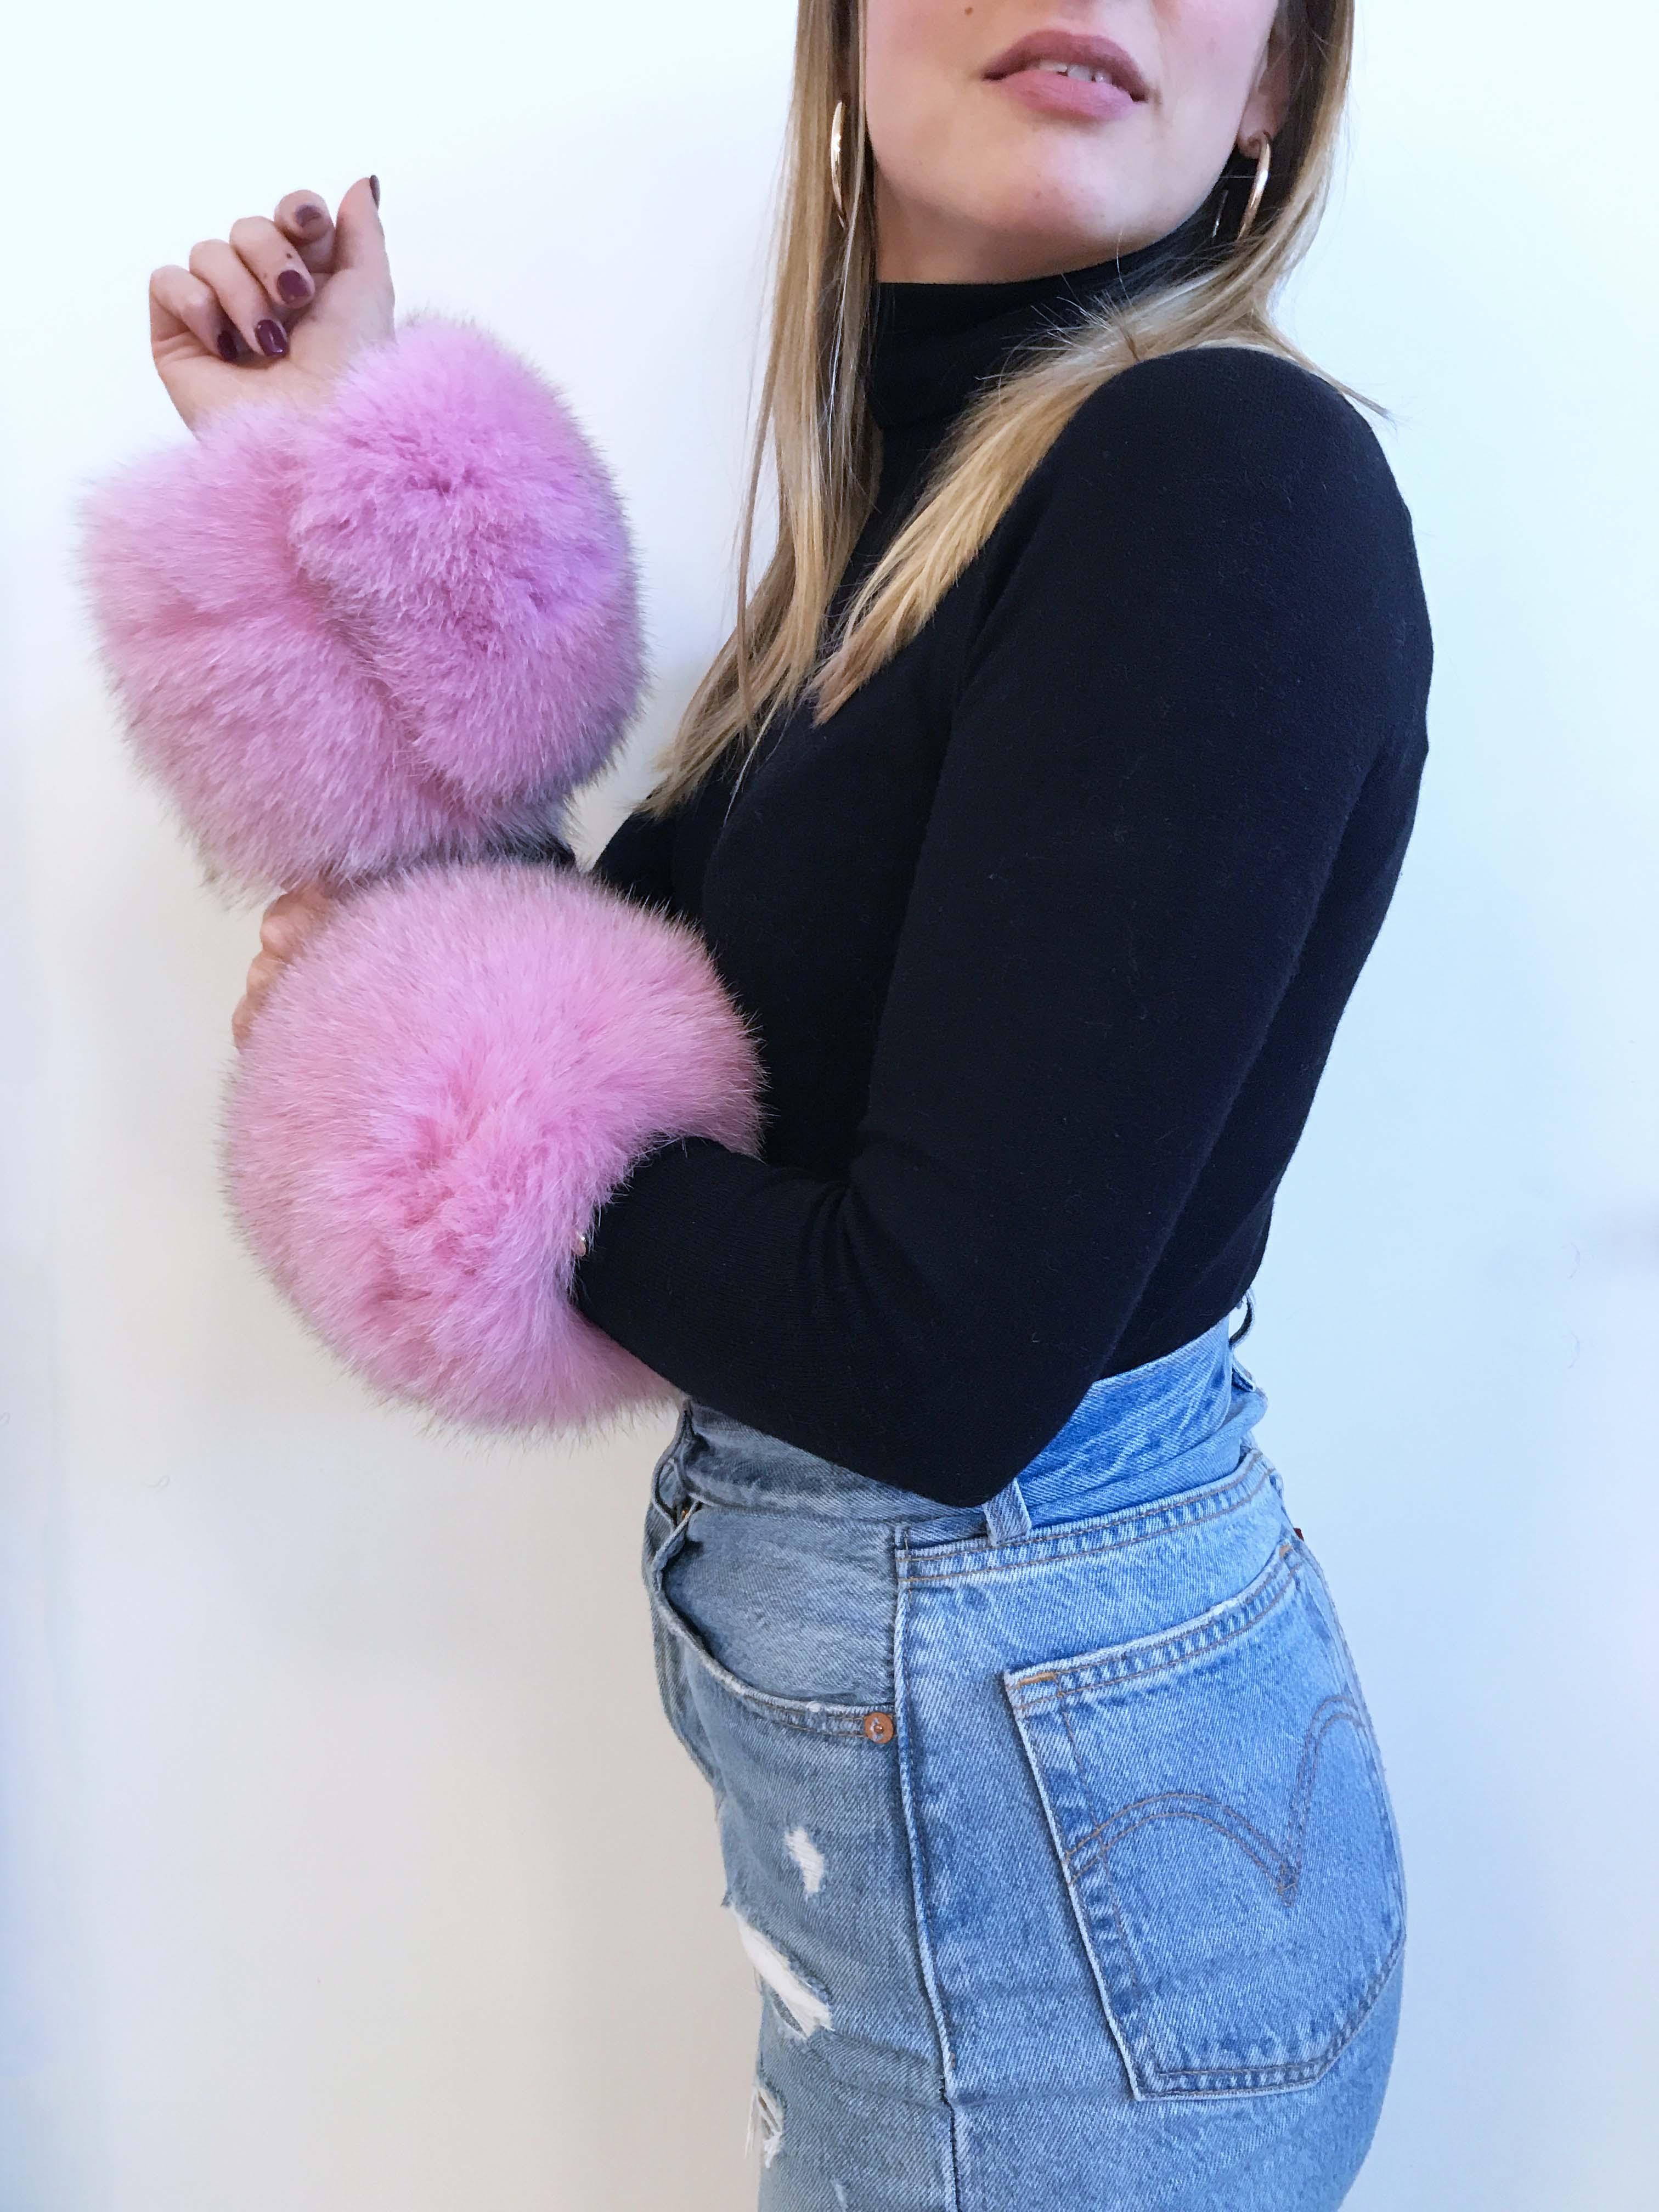 Polsini di pelliccia rosa pastello in volpe rimessa a modello